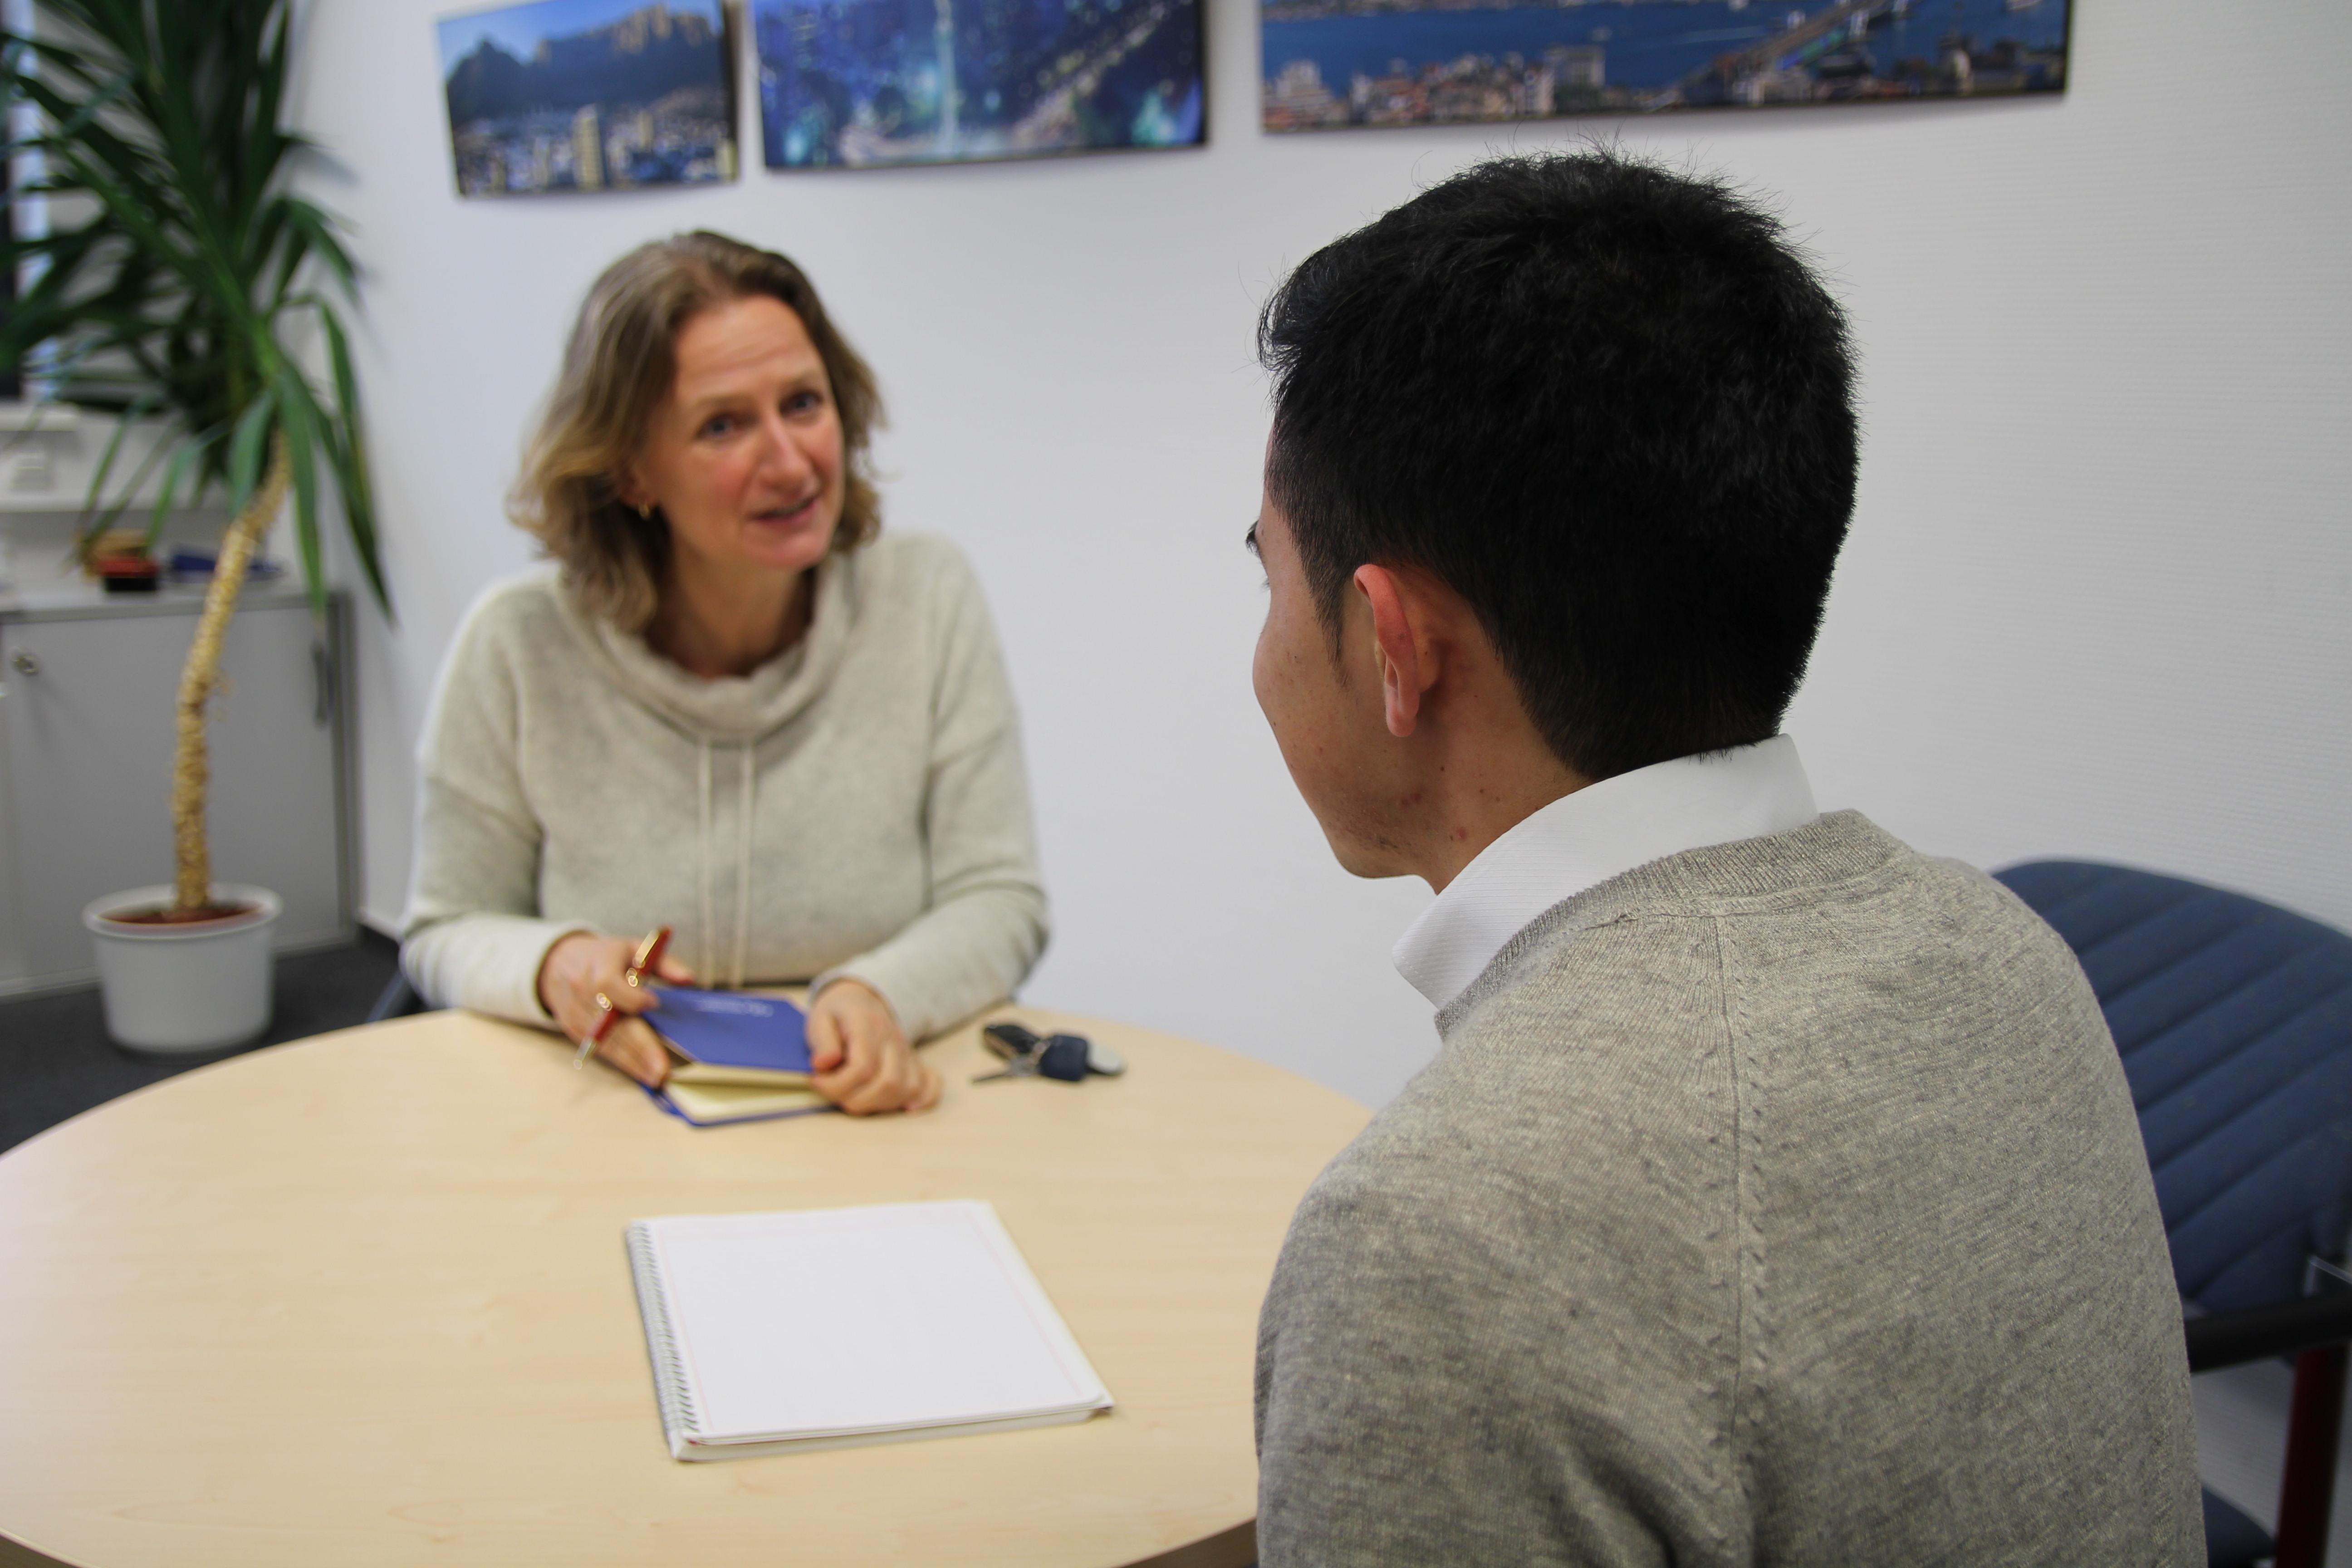 Der Fachbereich Wirtschaft der FH Münster möchte Flüchtlingen eine Studienmöglichkeit für einzelne BWL-Kurse anbieten. (Foto: FH Münster/Pressestelle)